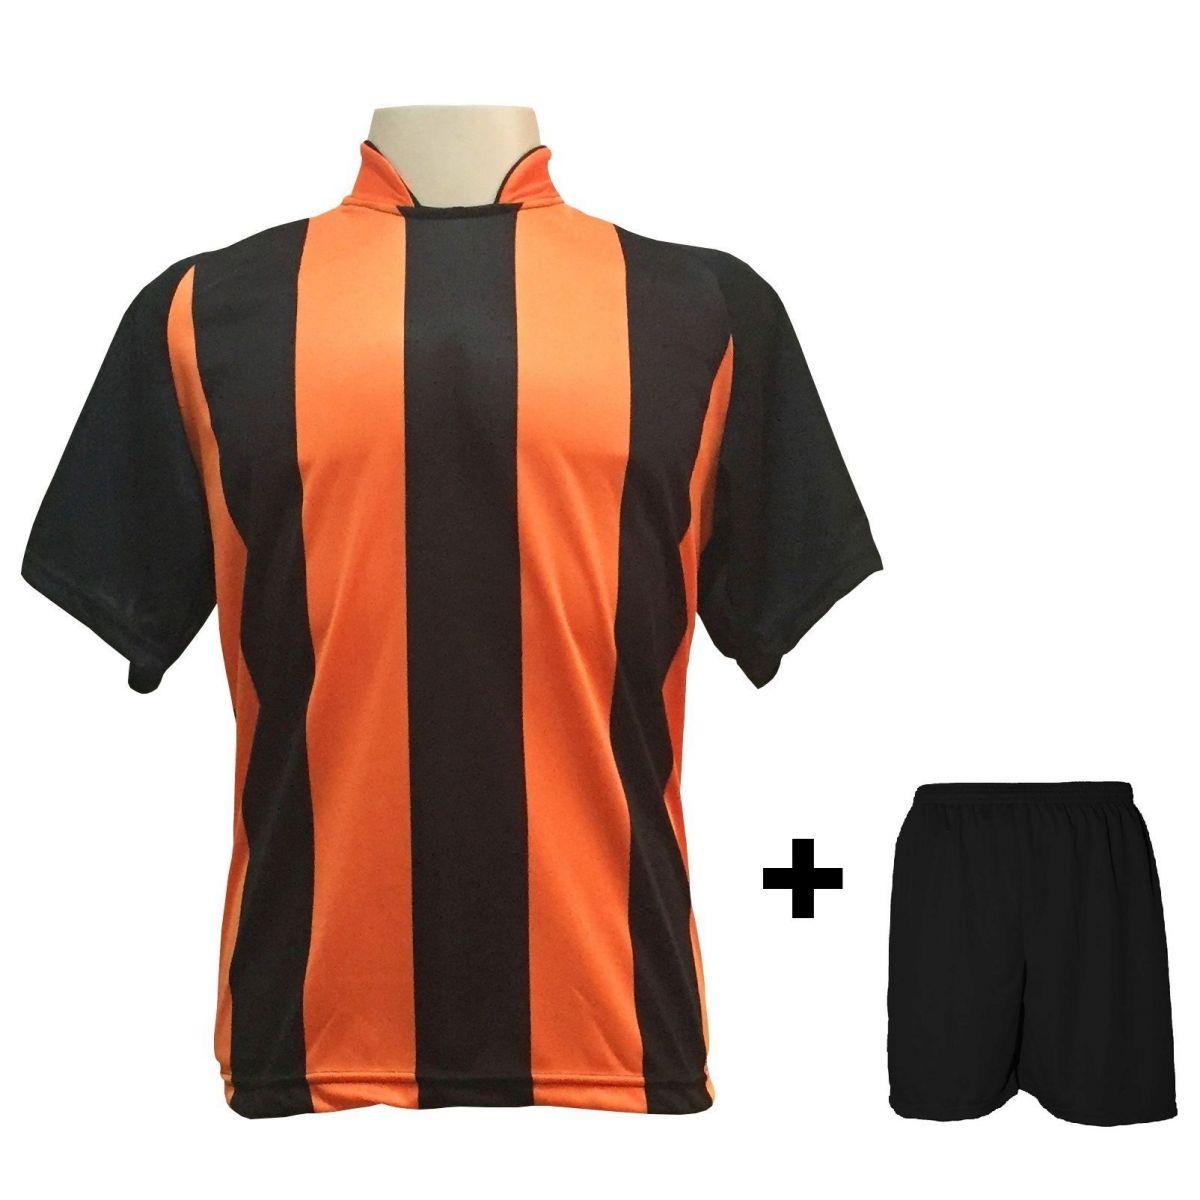 Uniforme Esportivo com 20 camisas modelo Milan Preto/Laranja + 20 calções modelo Madrid Preto + Brindes